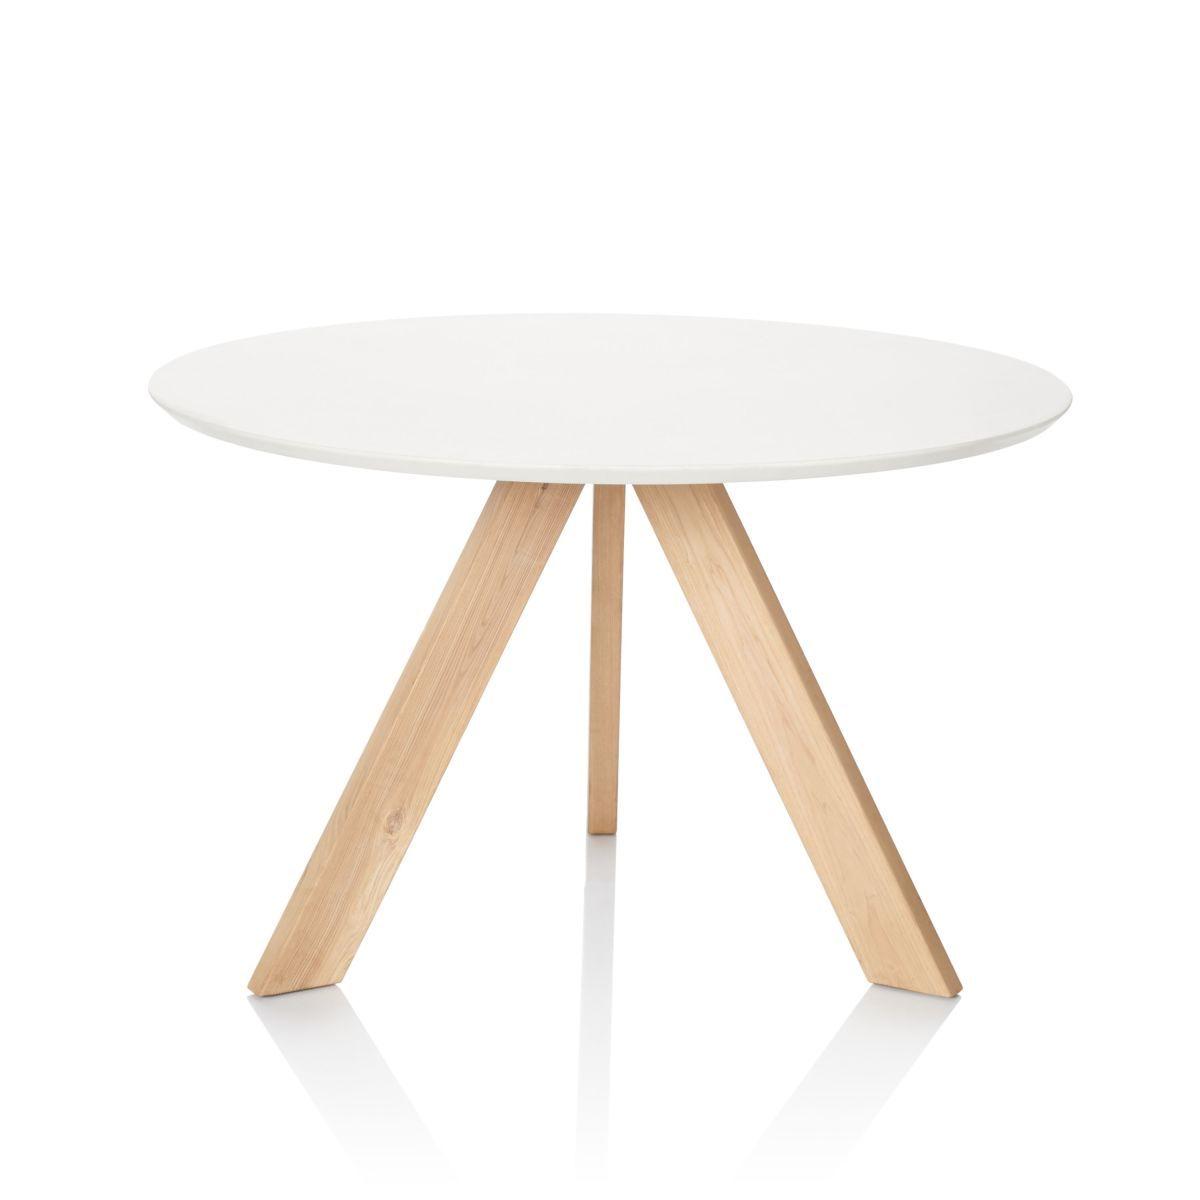 Tisch Skandinavisch esstisch eichenholzbeine skandinavisch jetzt bestellen unter http